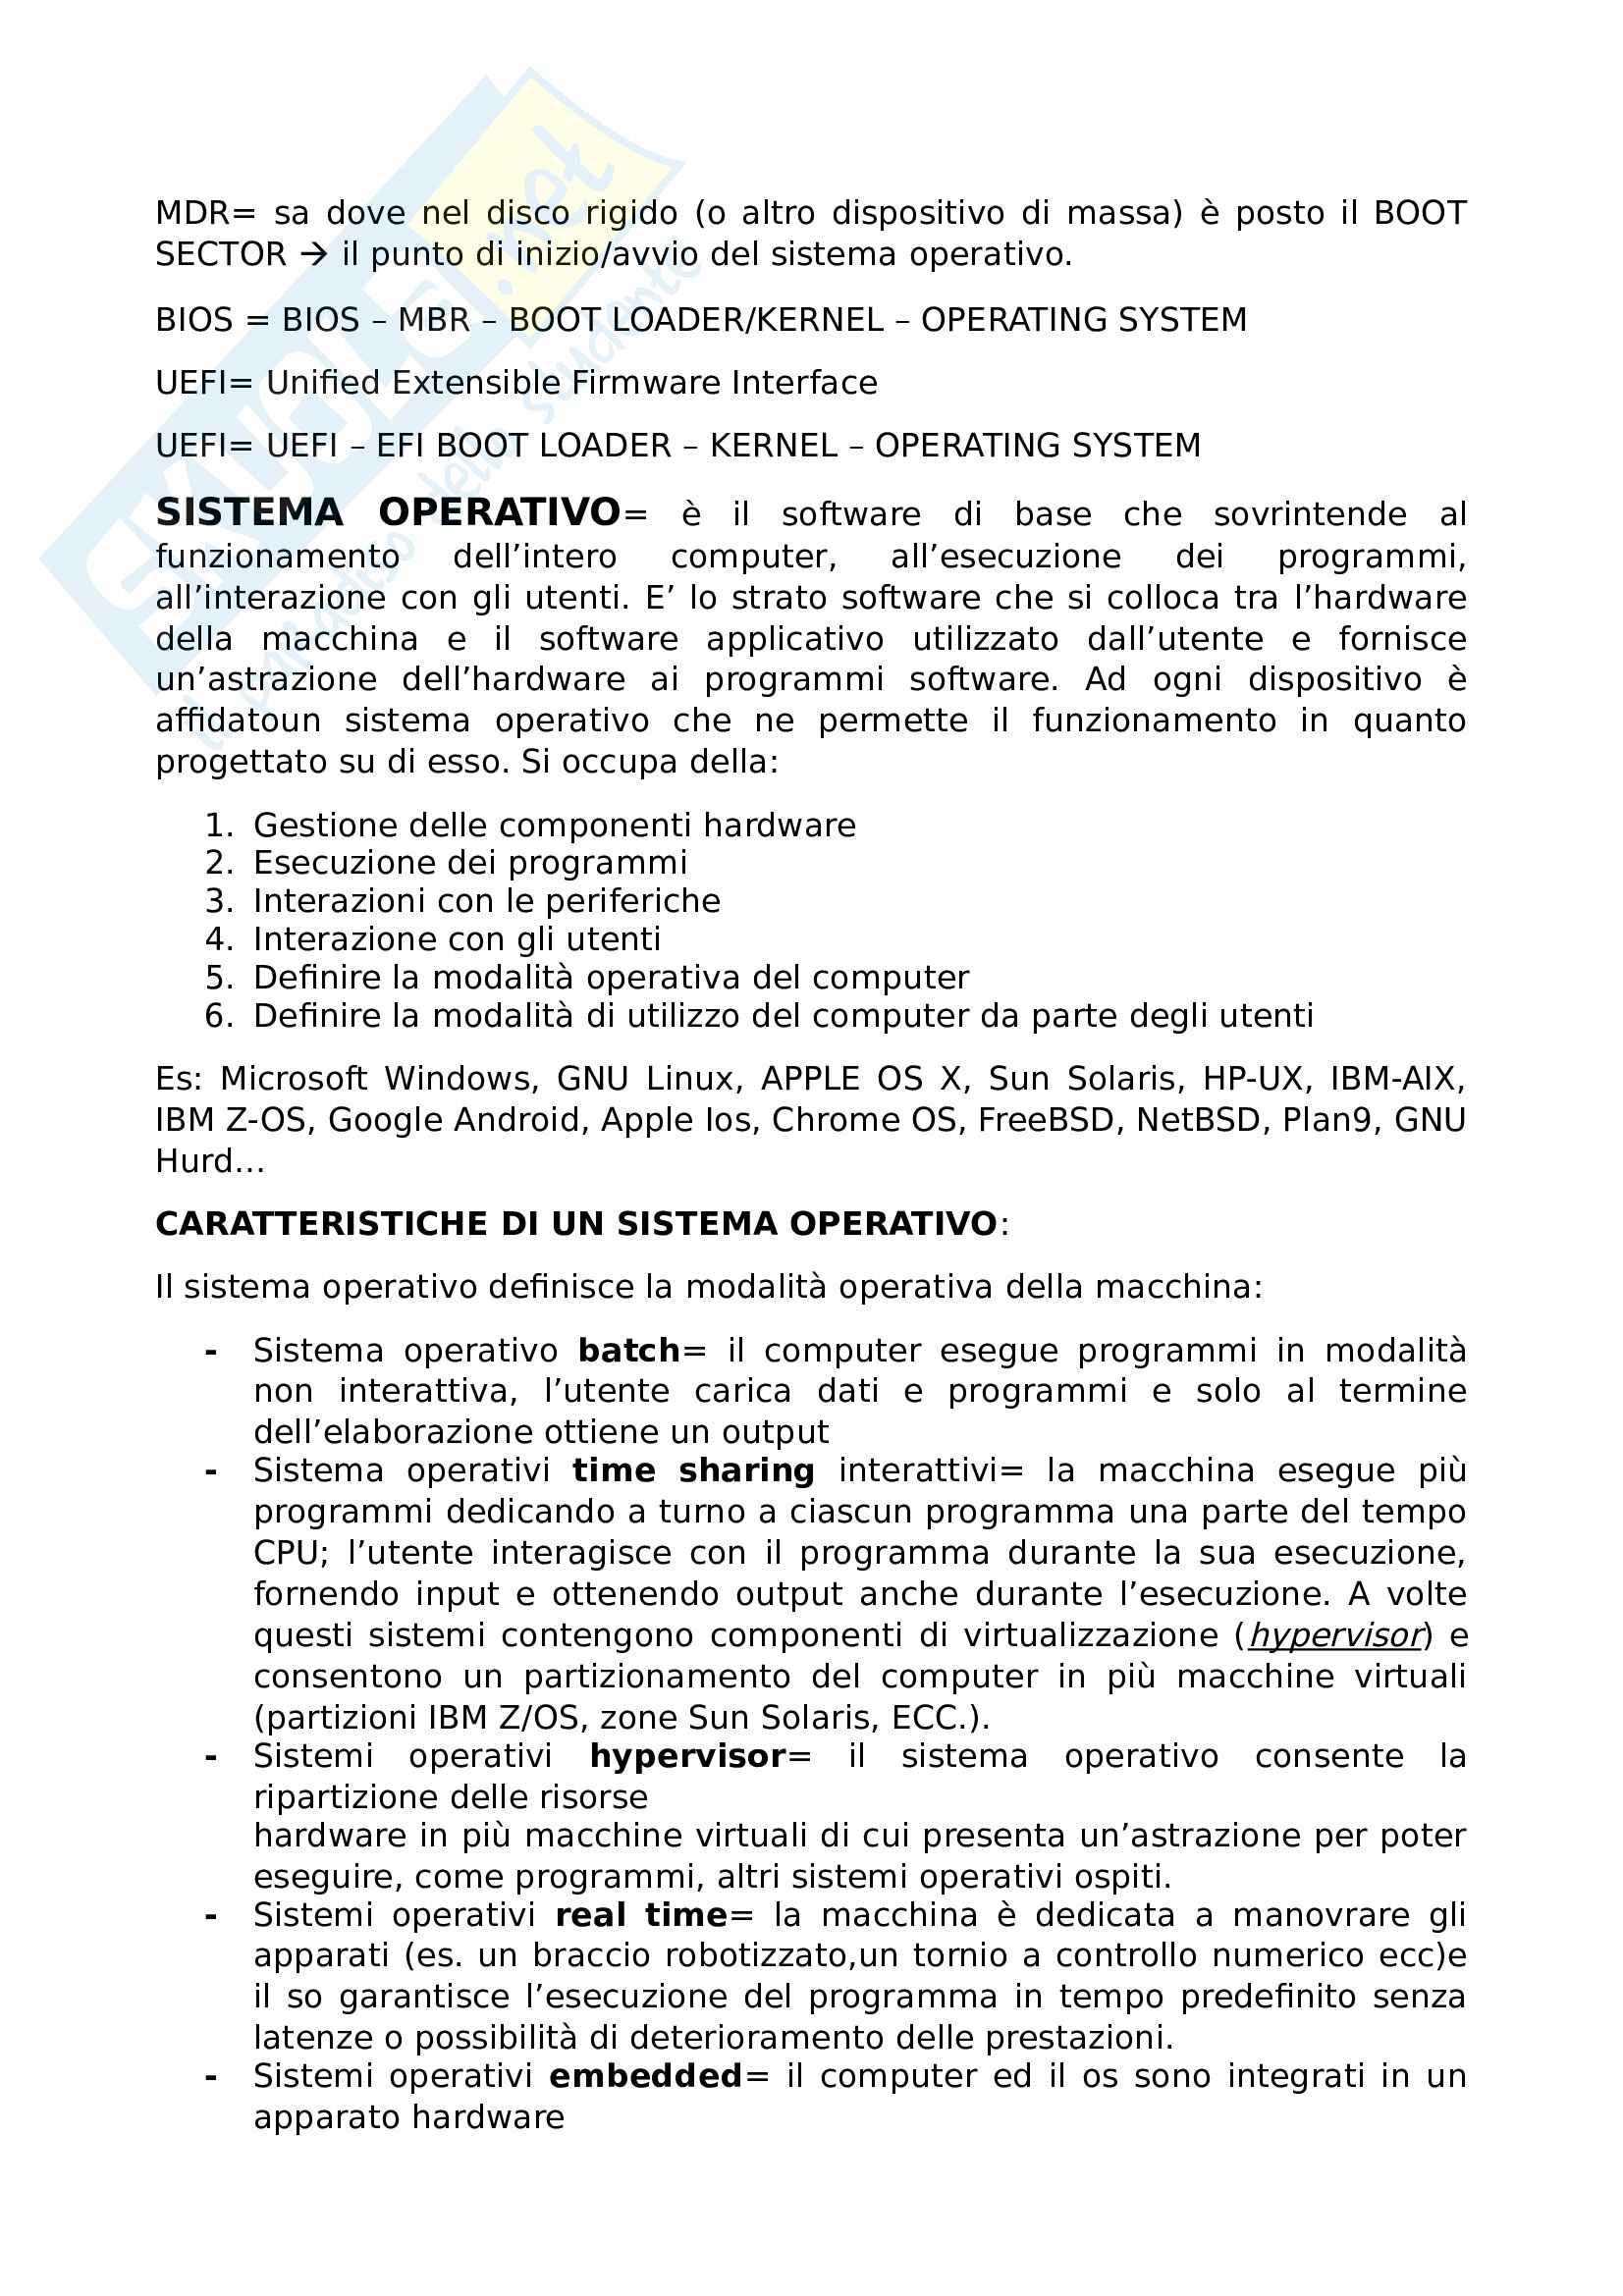 Riassunto esame informatica Prof. Avola Pag. 2